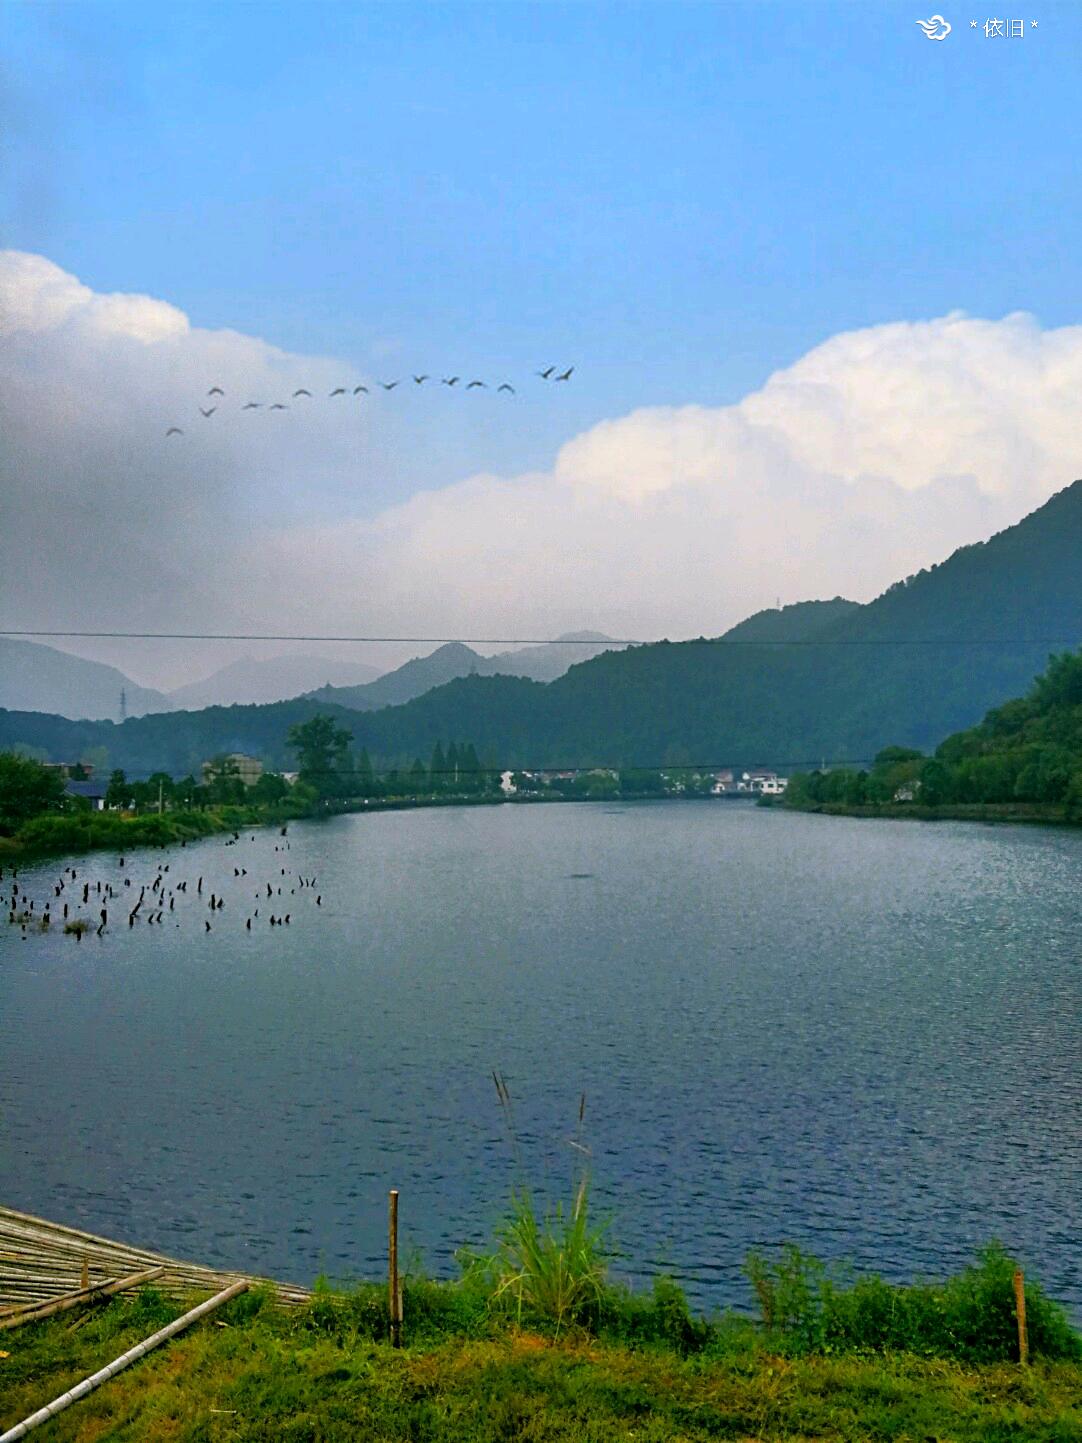 安徽省宣城市青龙乡061县道.